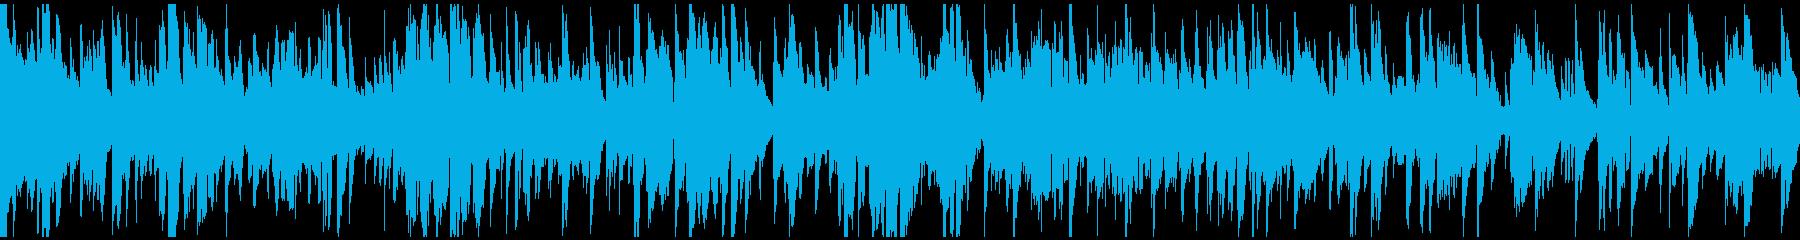 生演奏アルトサックス低速ジャズ※ループ版の再生済みの波形